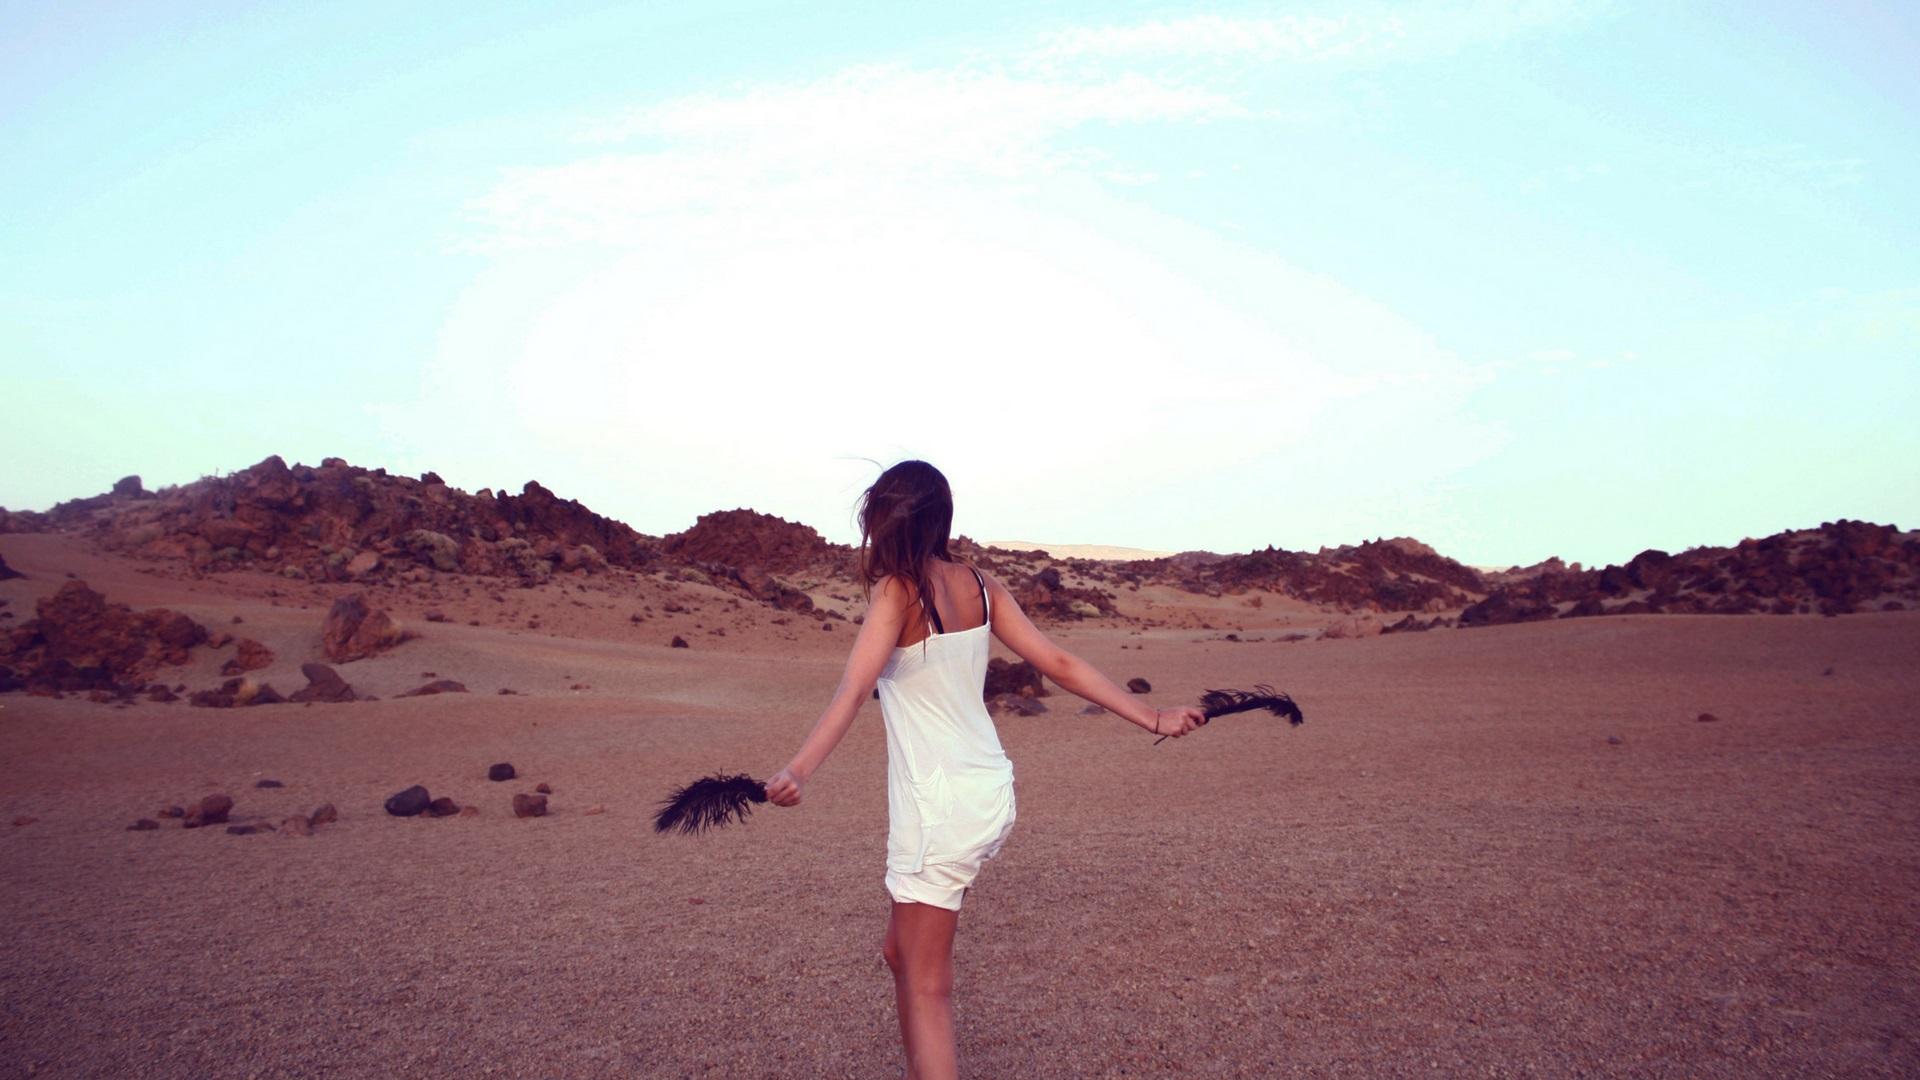 砂漠を歩く女性